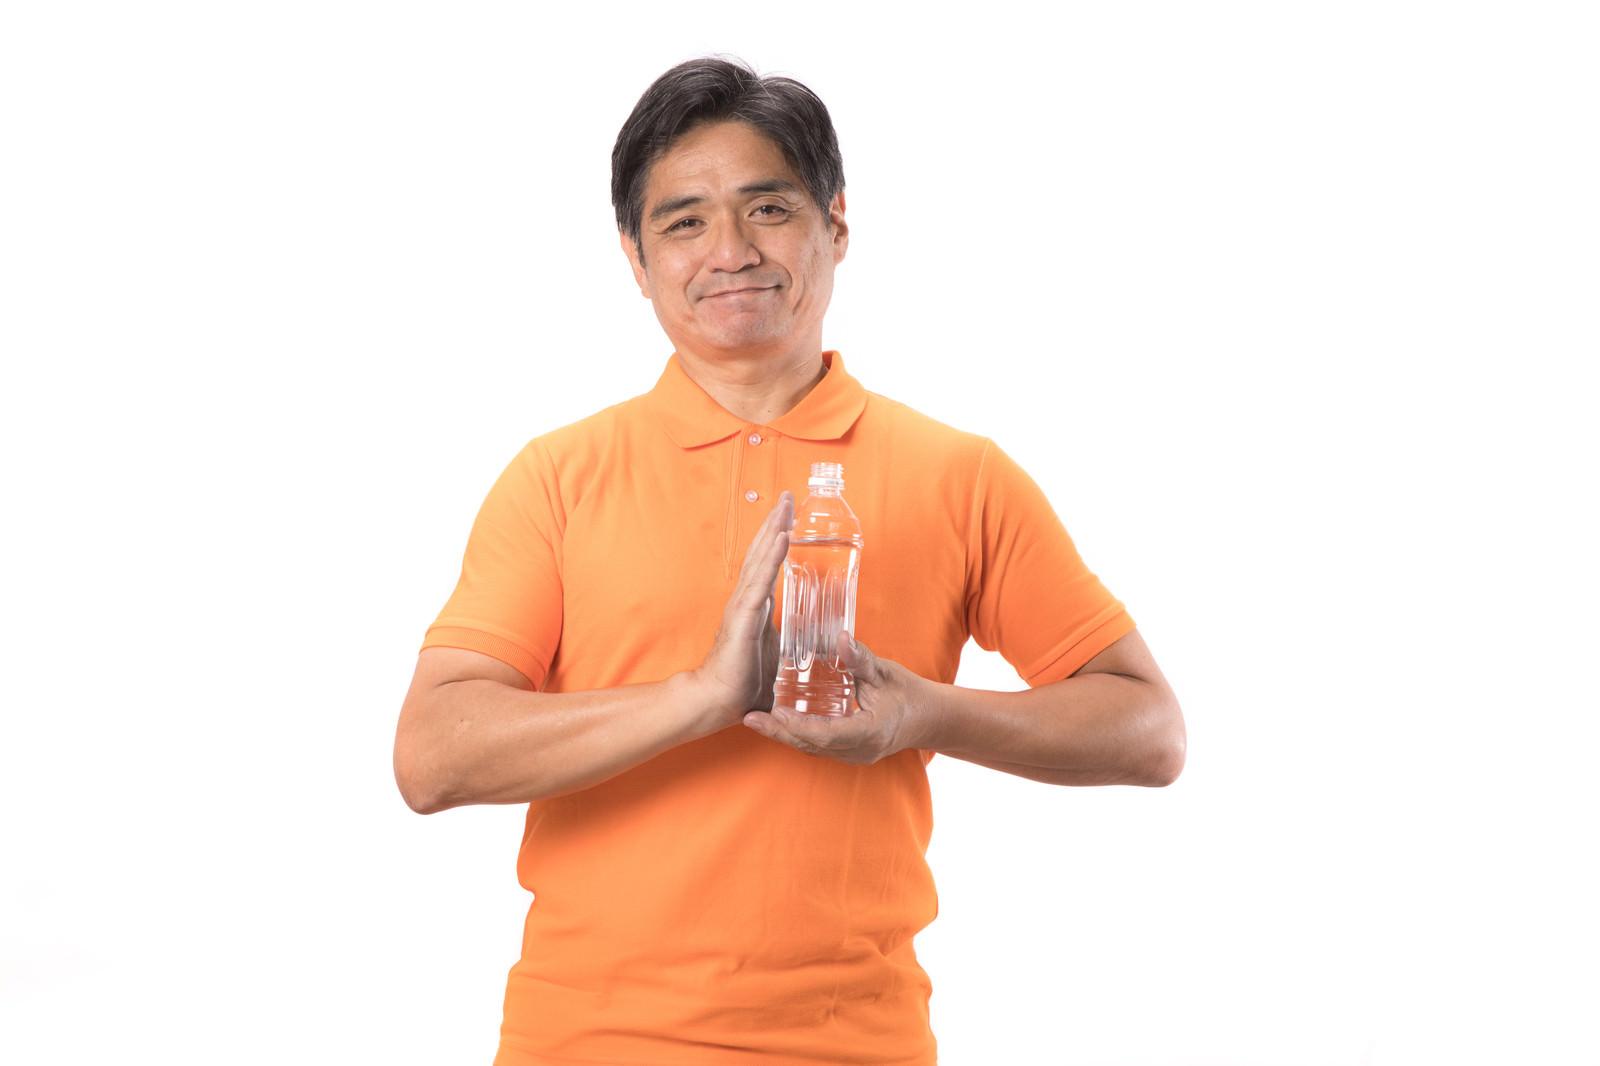 「熱中症対策にペットボトルを持ち歩こう」の写真[モデル:よたか]